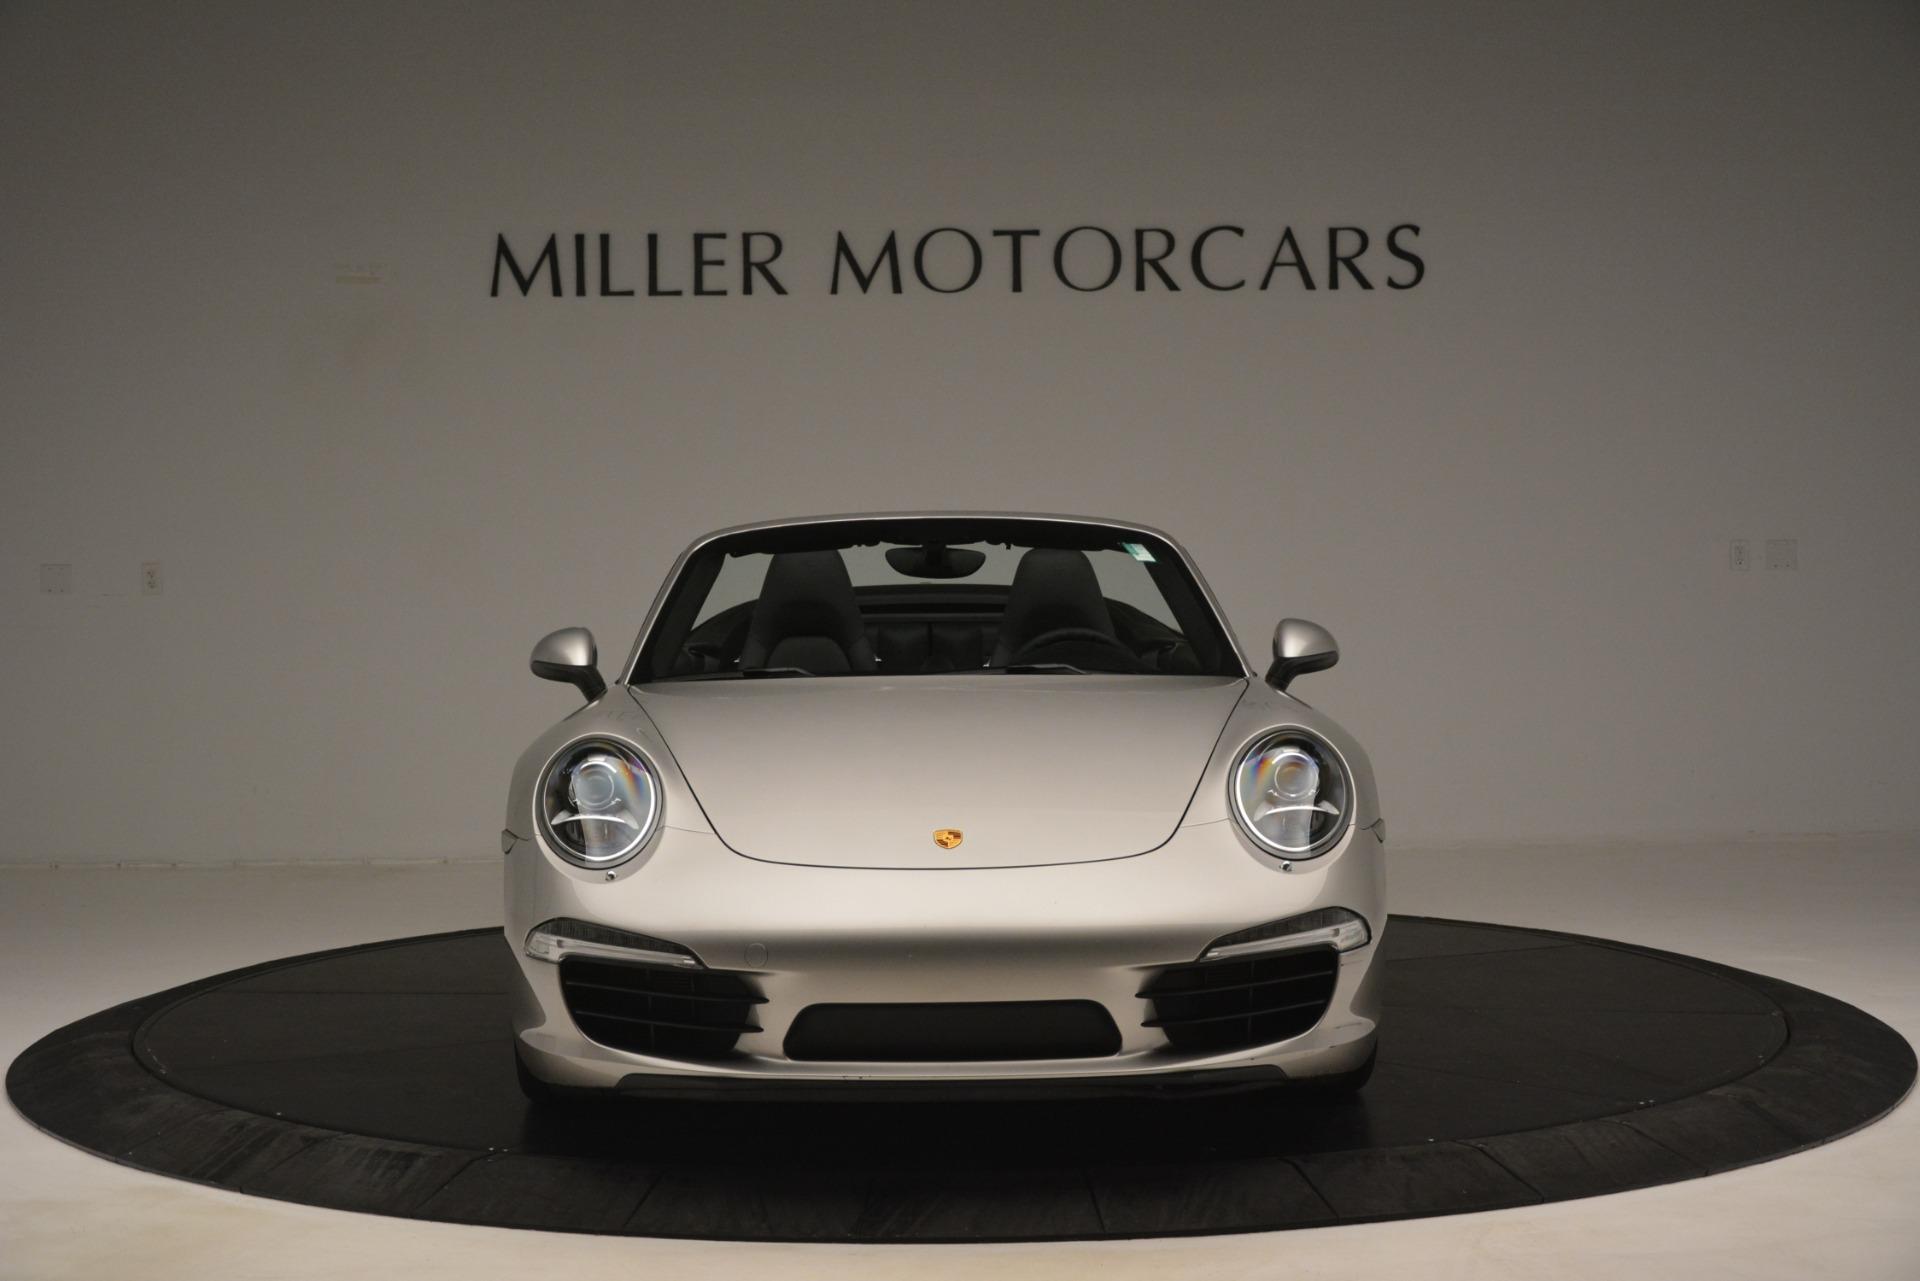 Used 2013 Porsche 911 Carrera S For Sale In Greenwich, CT 3107_p7